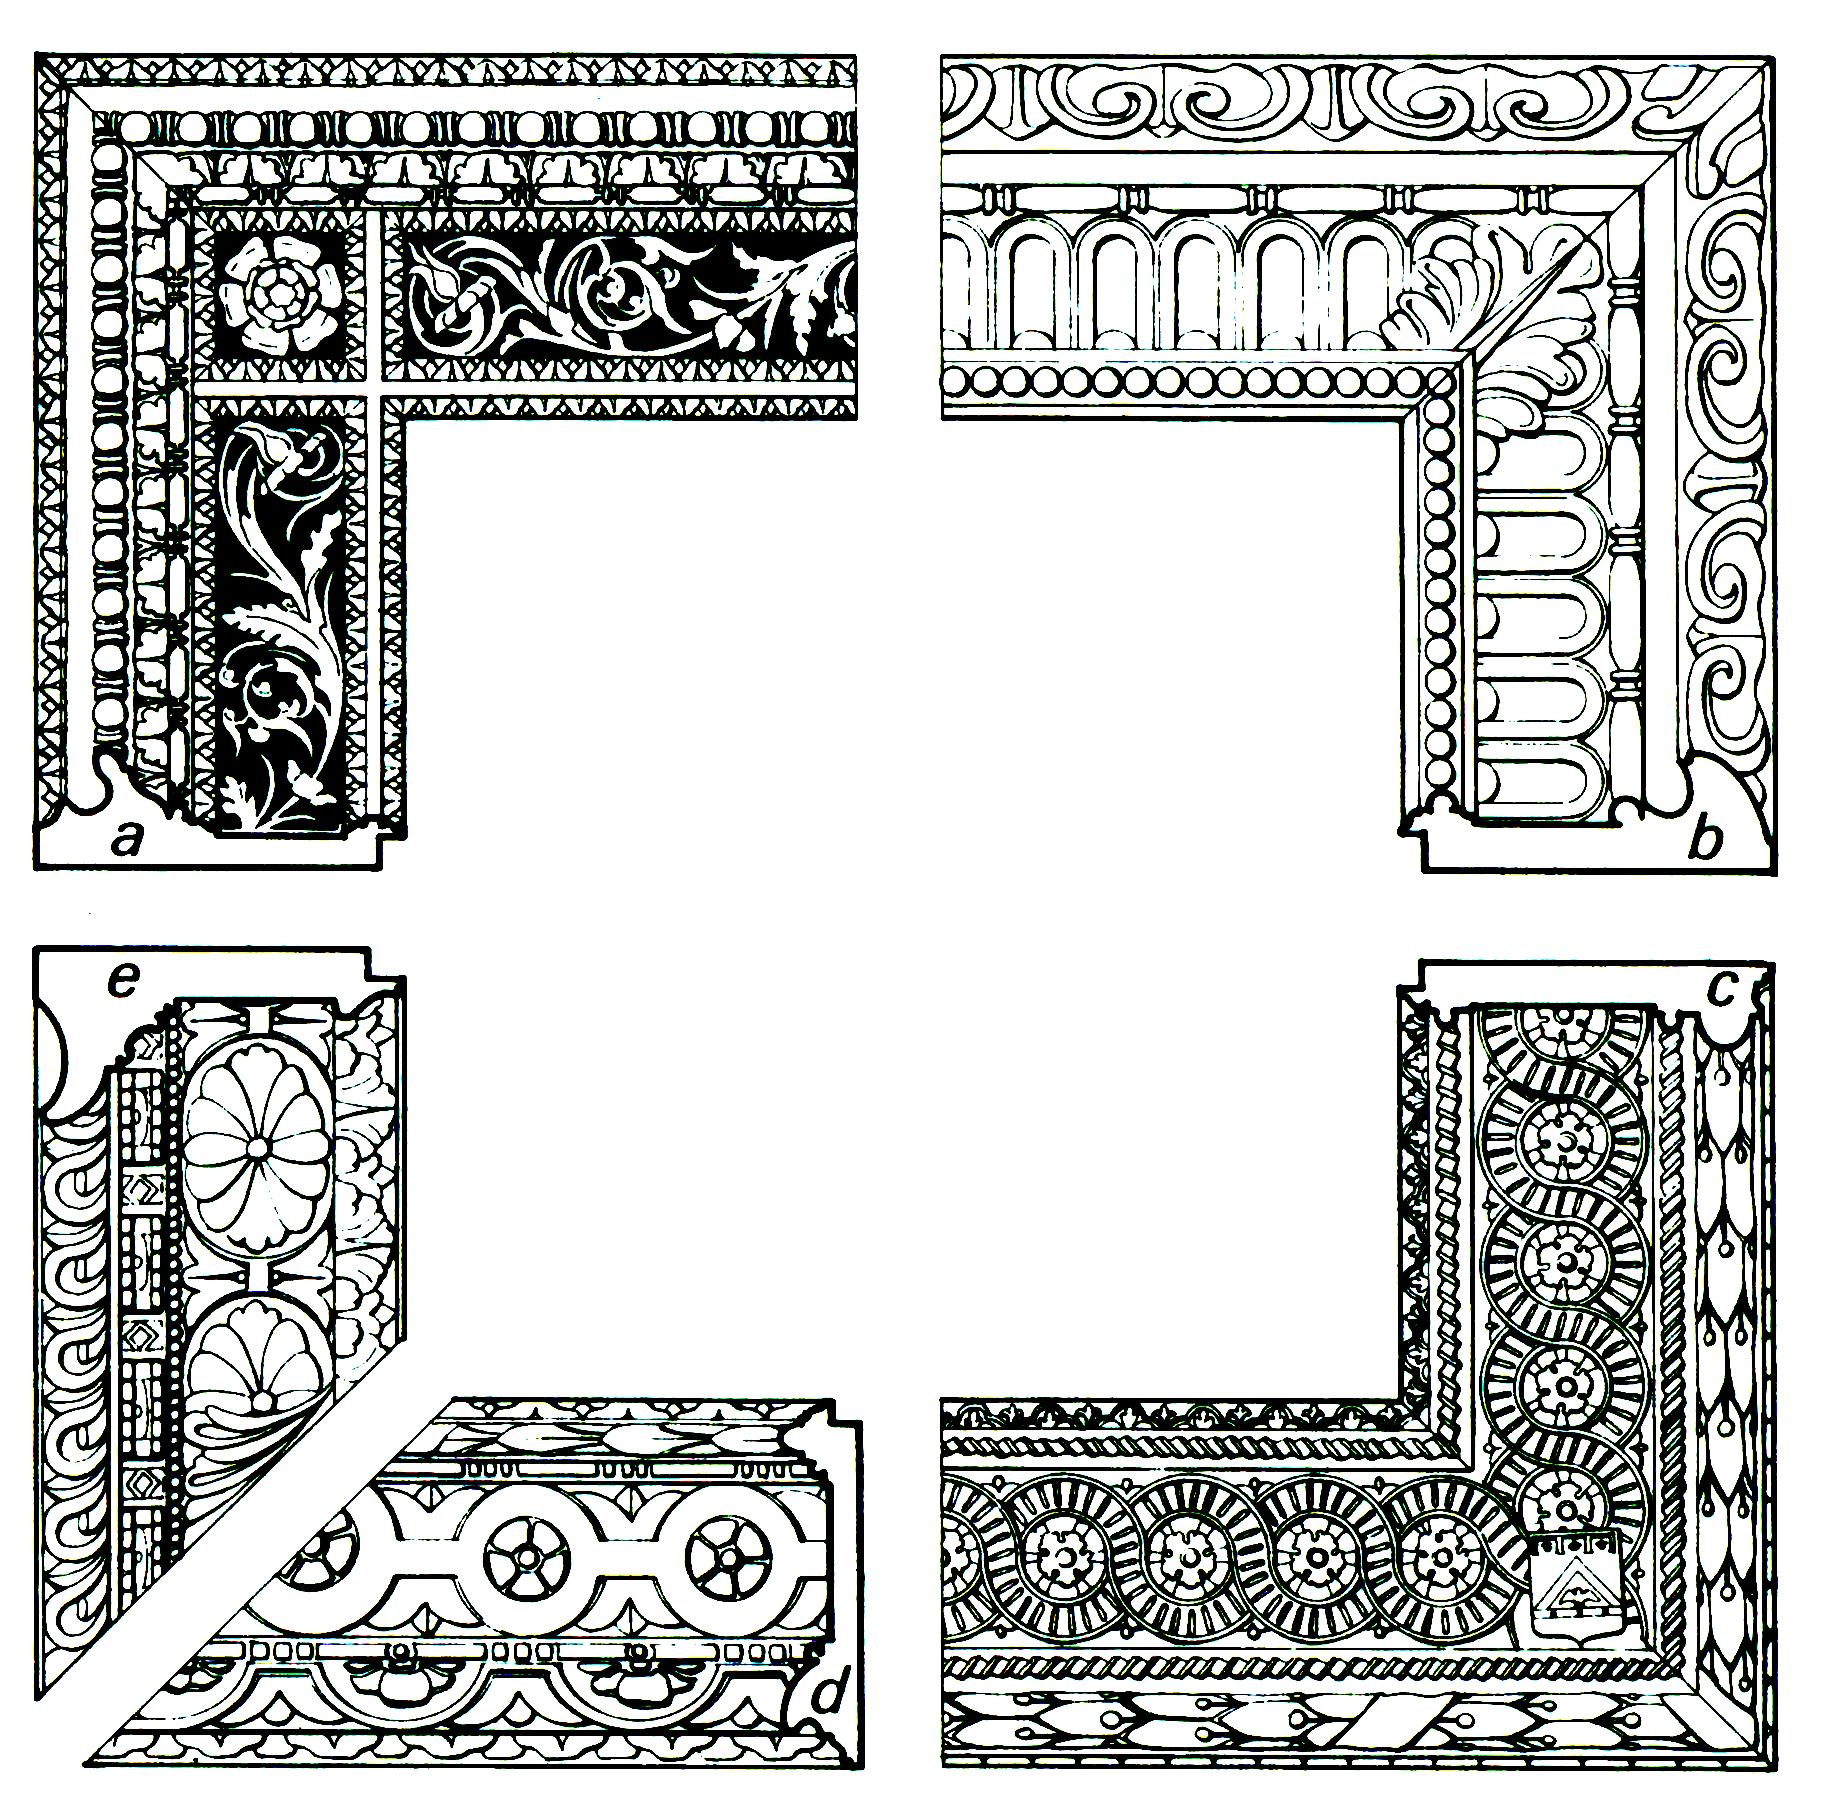 Рис.15 Итальянская архитектурная рама cassetta с общим узором